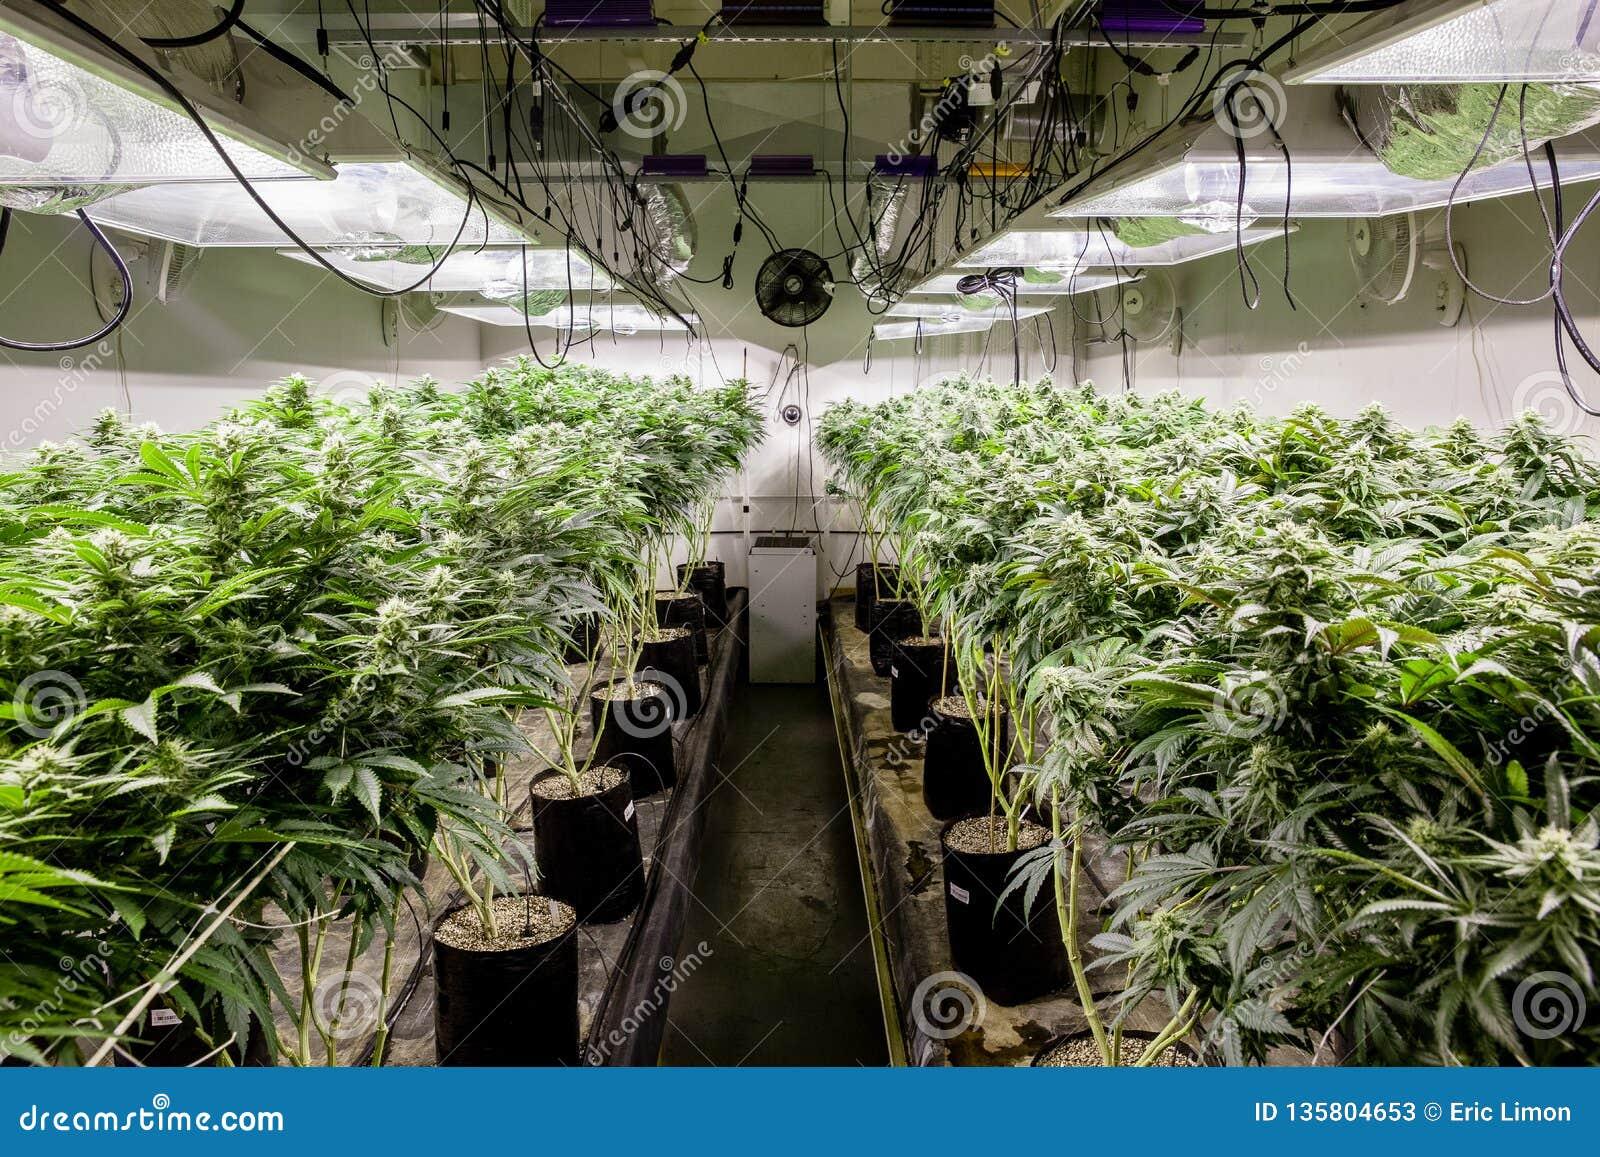 Indoor Marijuana Grow Room Showing Lots Of Plants Stock ...